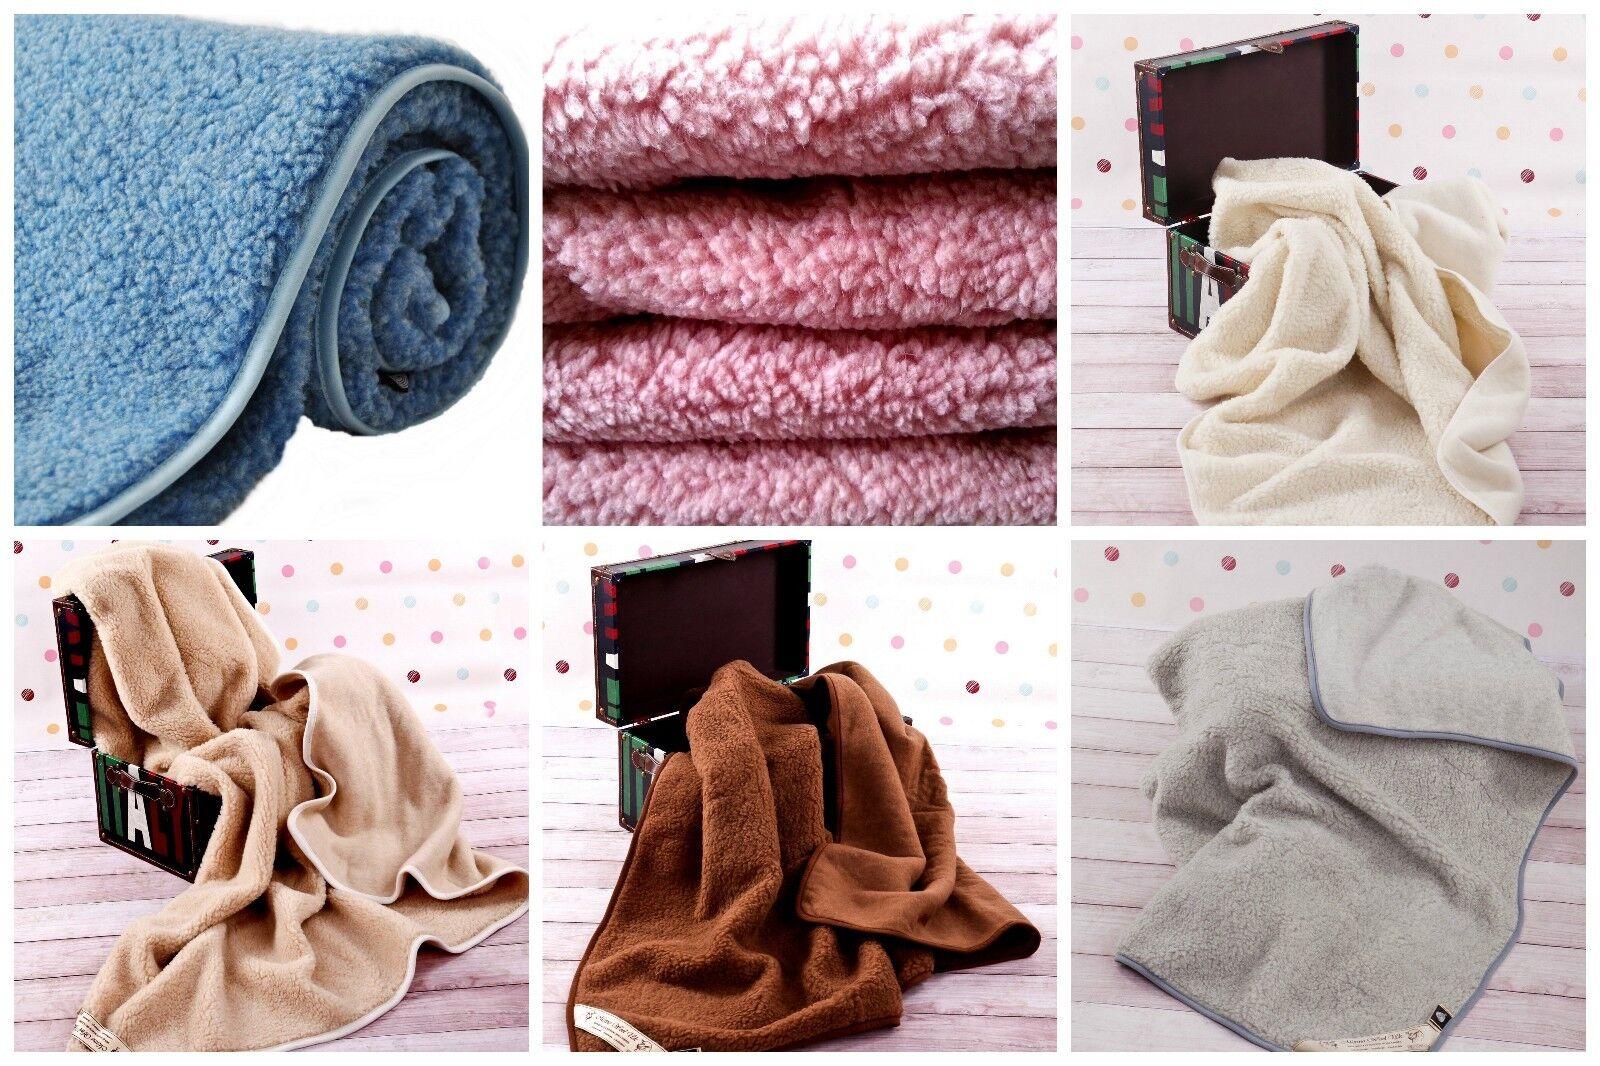 ausverkauf woolmark merinowolle decke 100 nat rlich alle gr en perfekt f r ebay. Black Bedroom Furniture Sets. Home Design Ideas